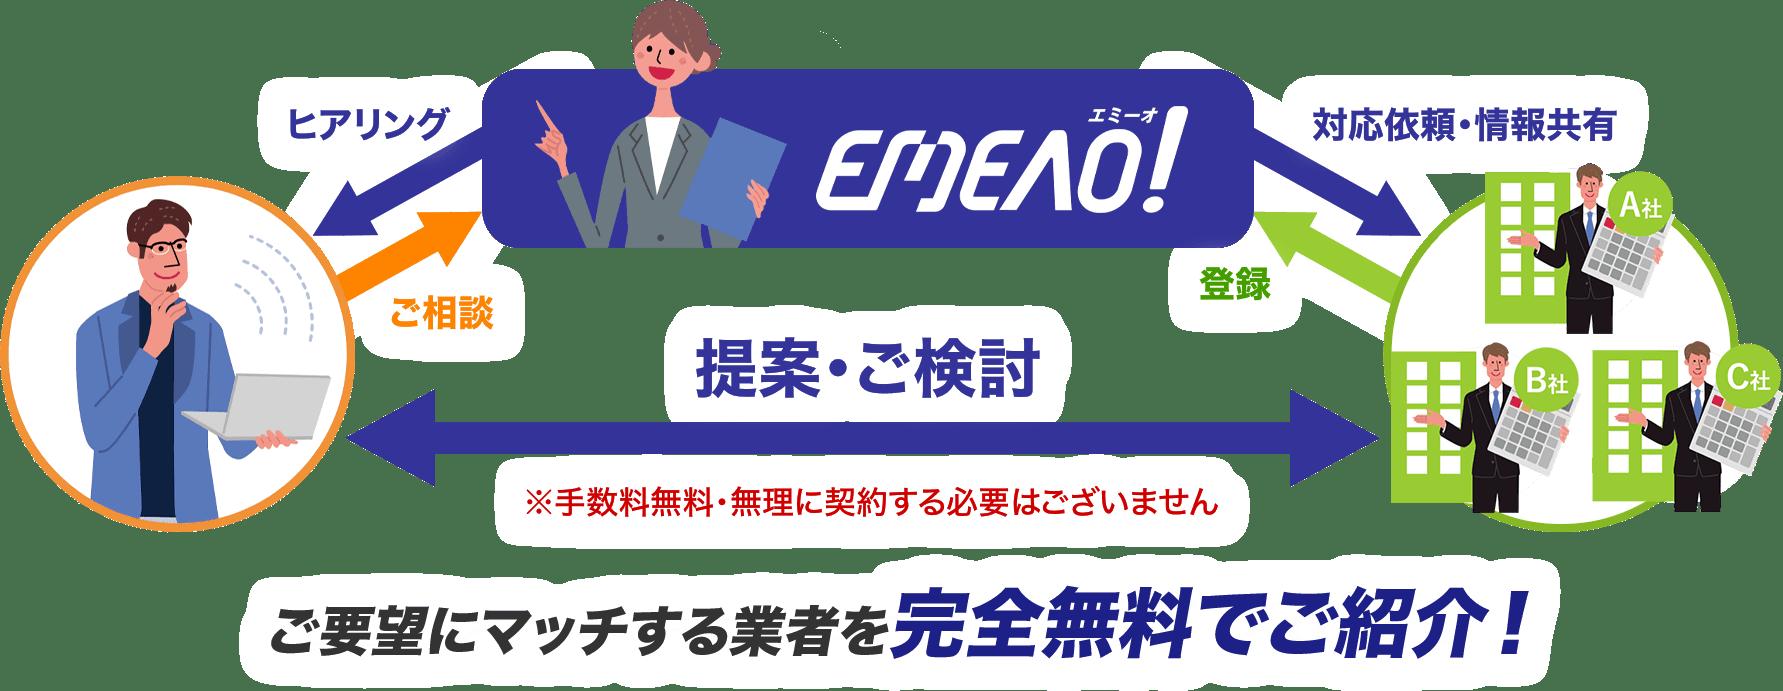 【イメージ】EMEAO!の仕組み